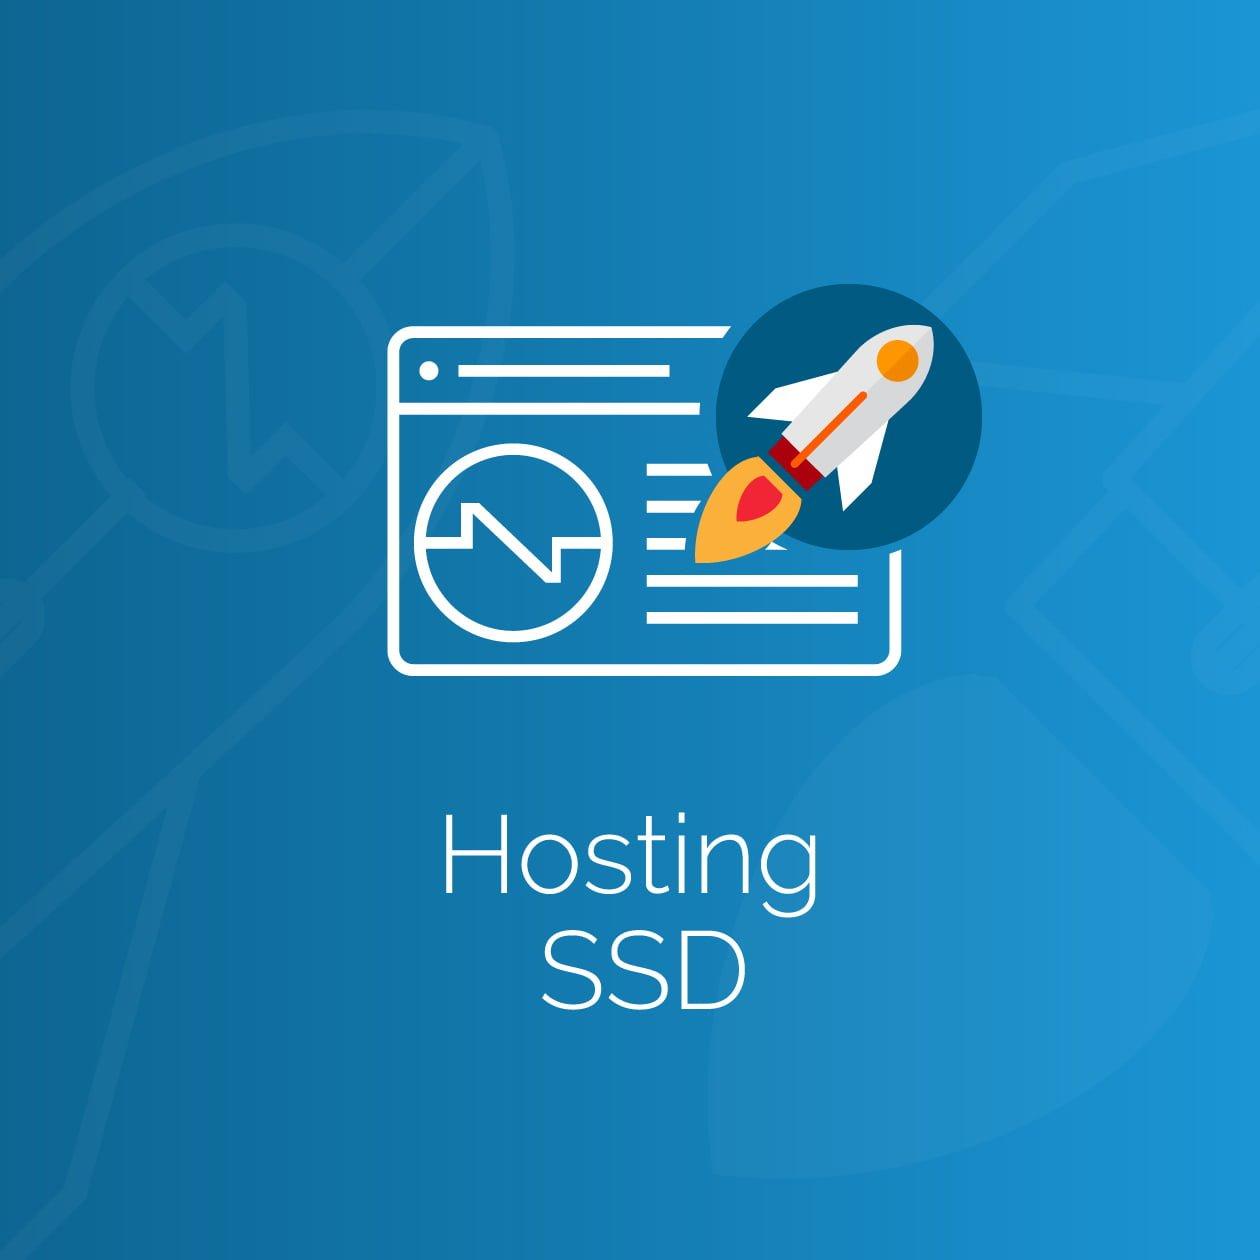 Hosting_SSD